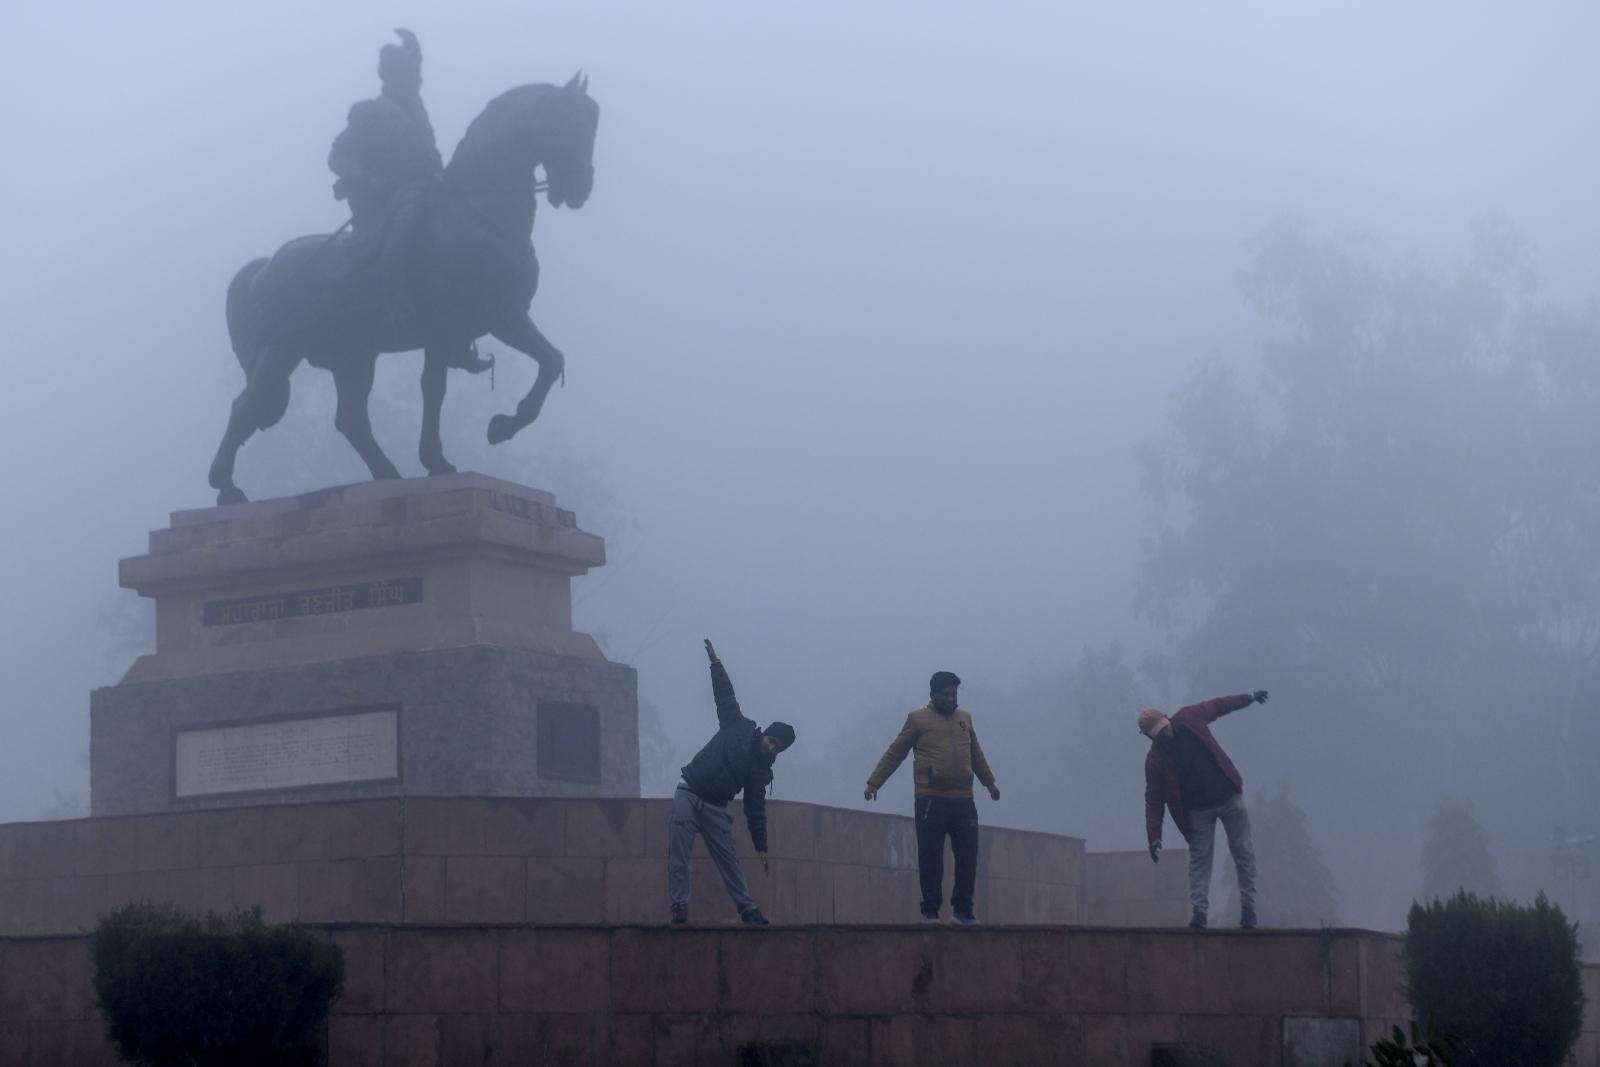 อินเดียอุณหภูมิลดฮวบทุบสถิติ-หมอกหนาทึบกระทบจราจร